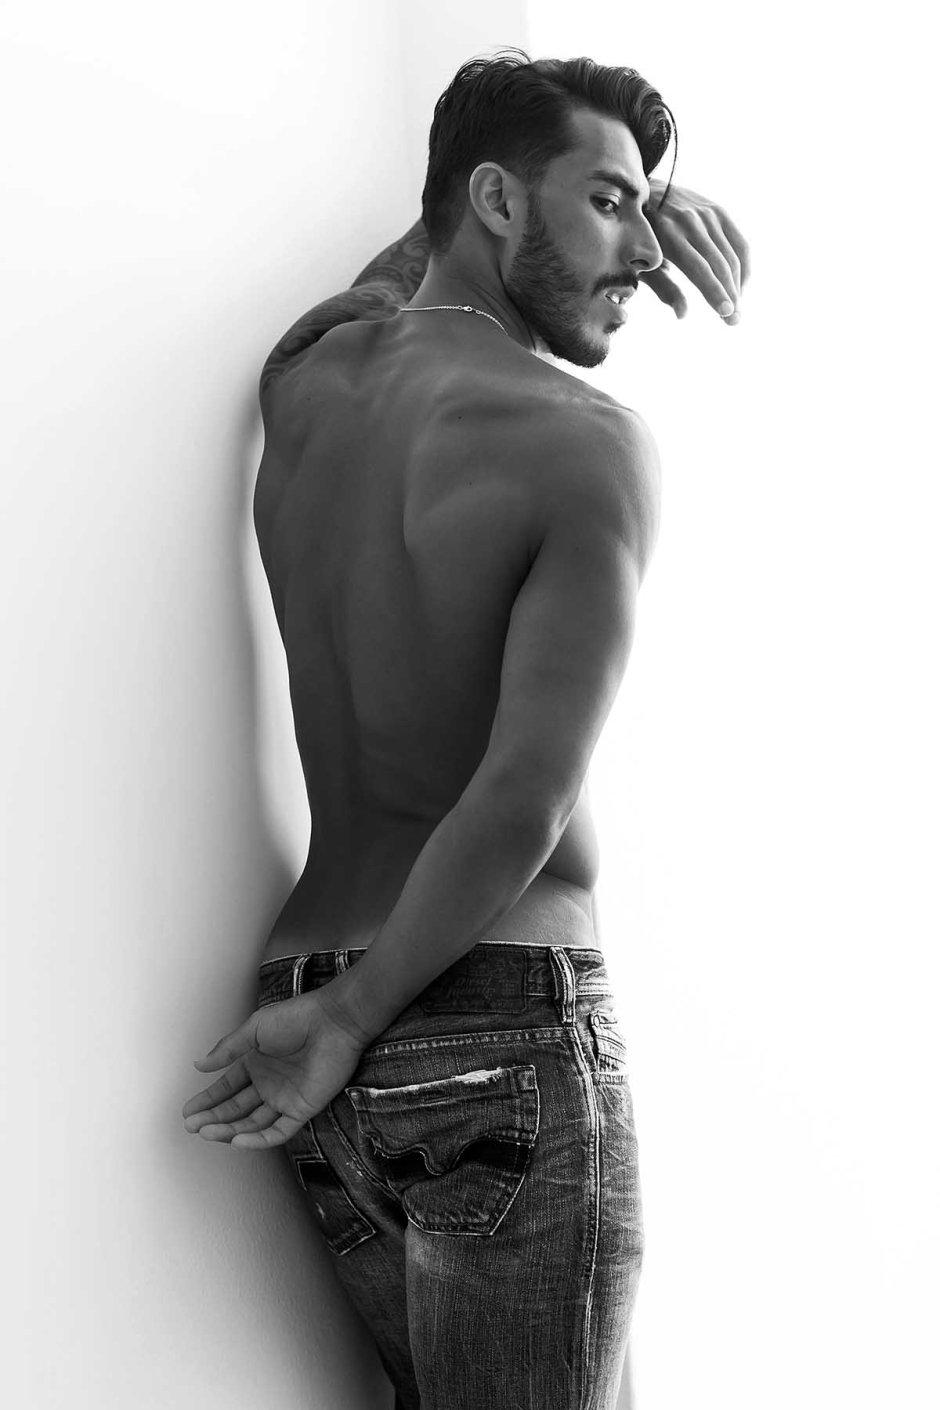 Paulo Philippe by Thiago Martini for Brazilian Male Model_004